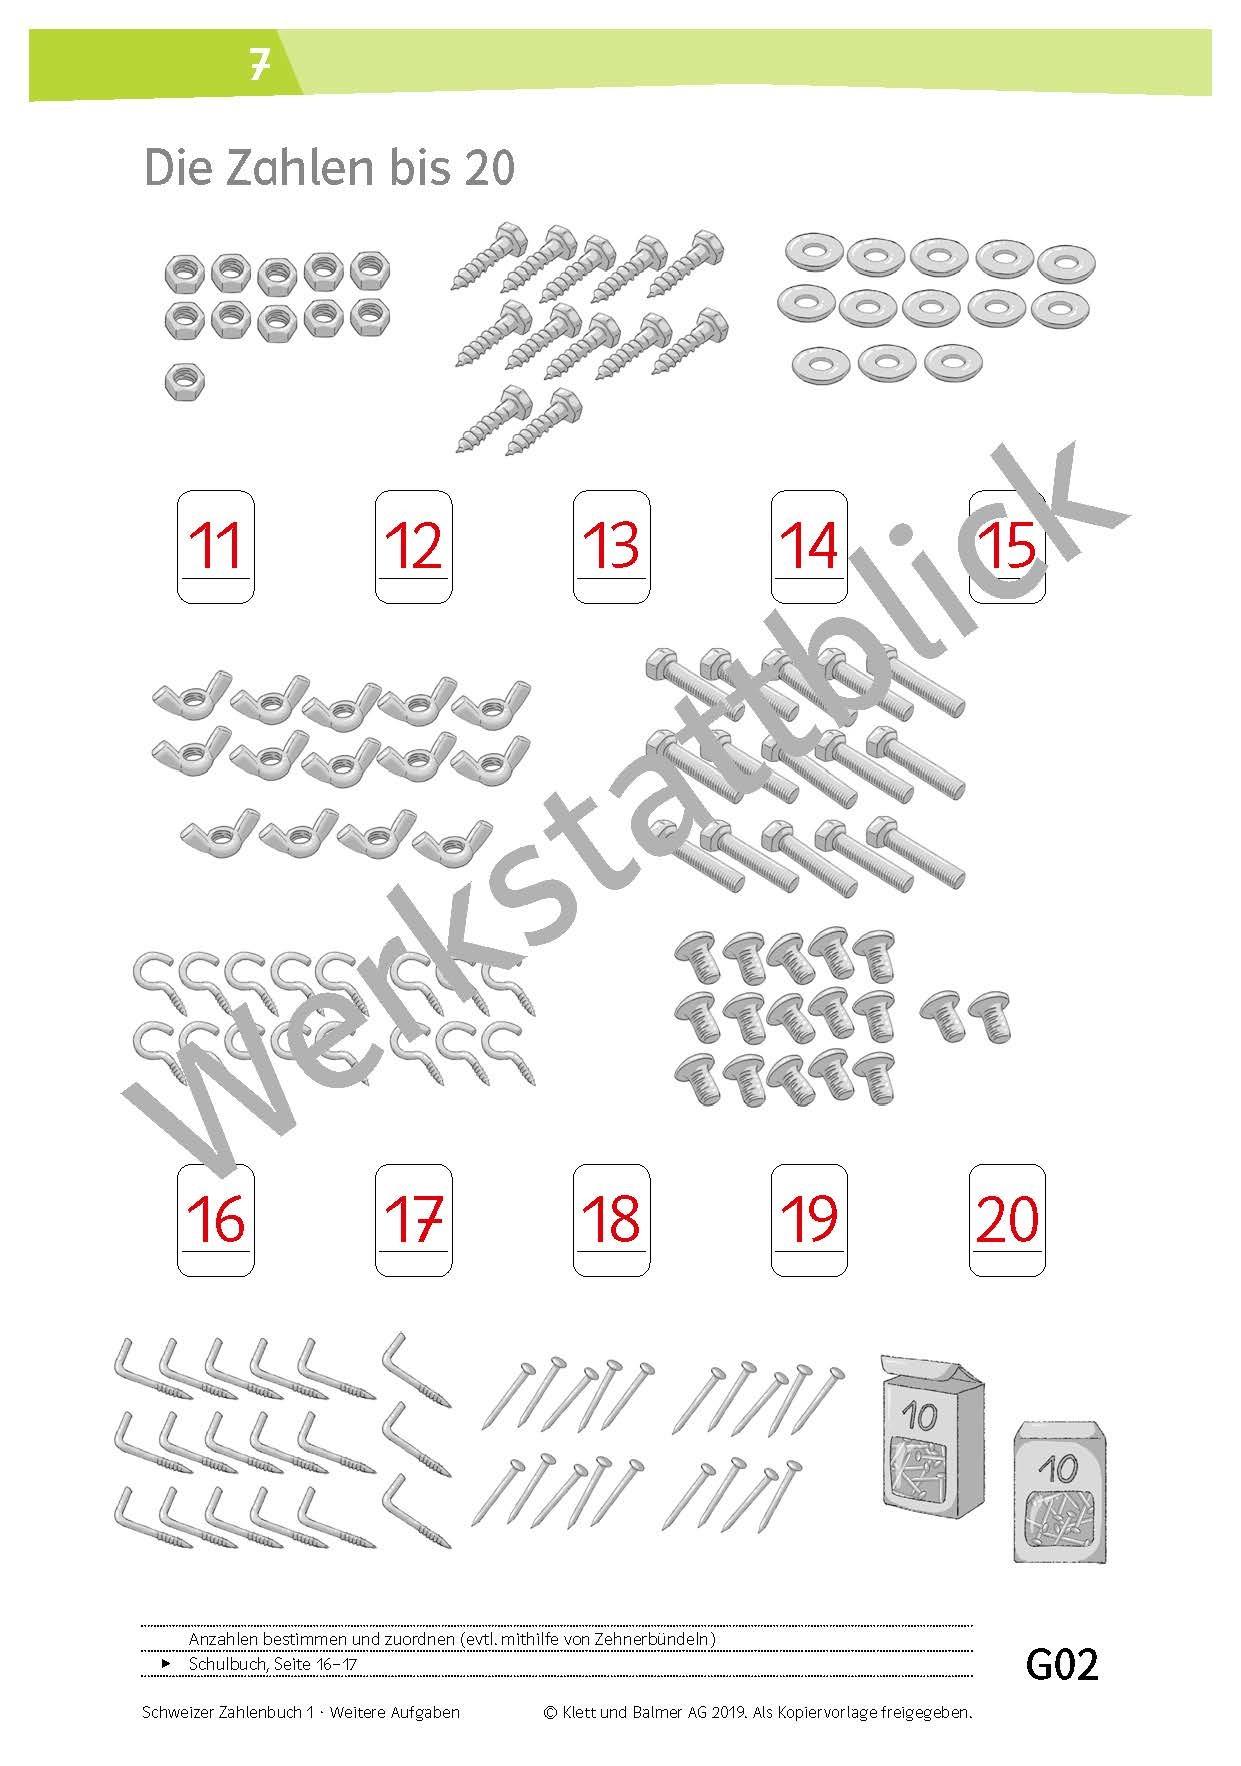 978 3 264 84708 6 Sch Z1 online mat werkstatt Seite 5